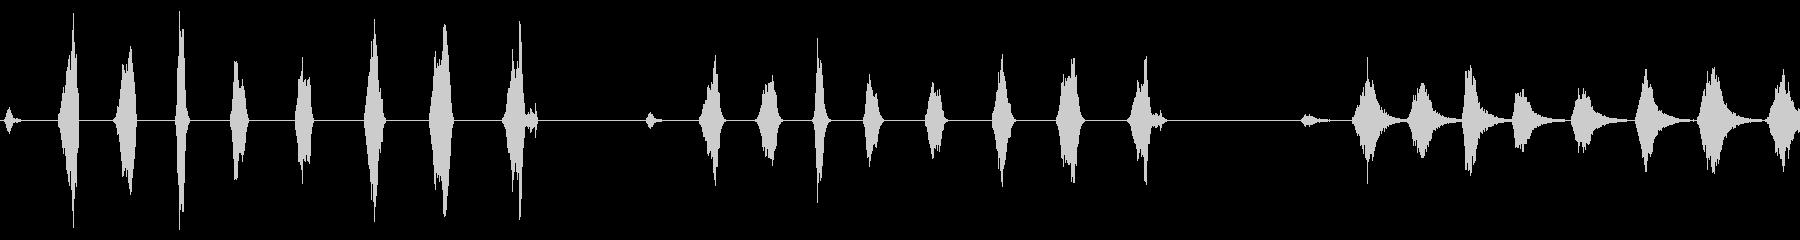 ローププル、ショート、6バージョン...の未再生の波形